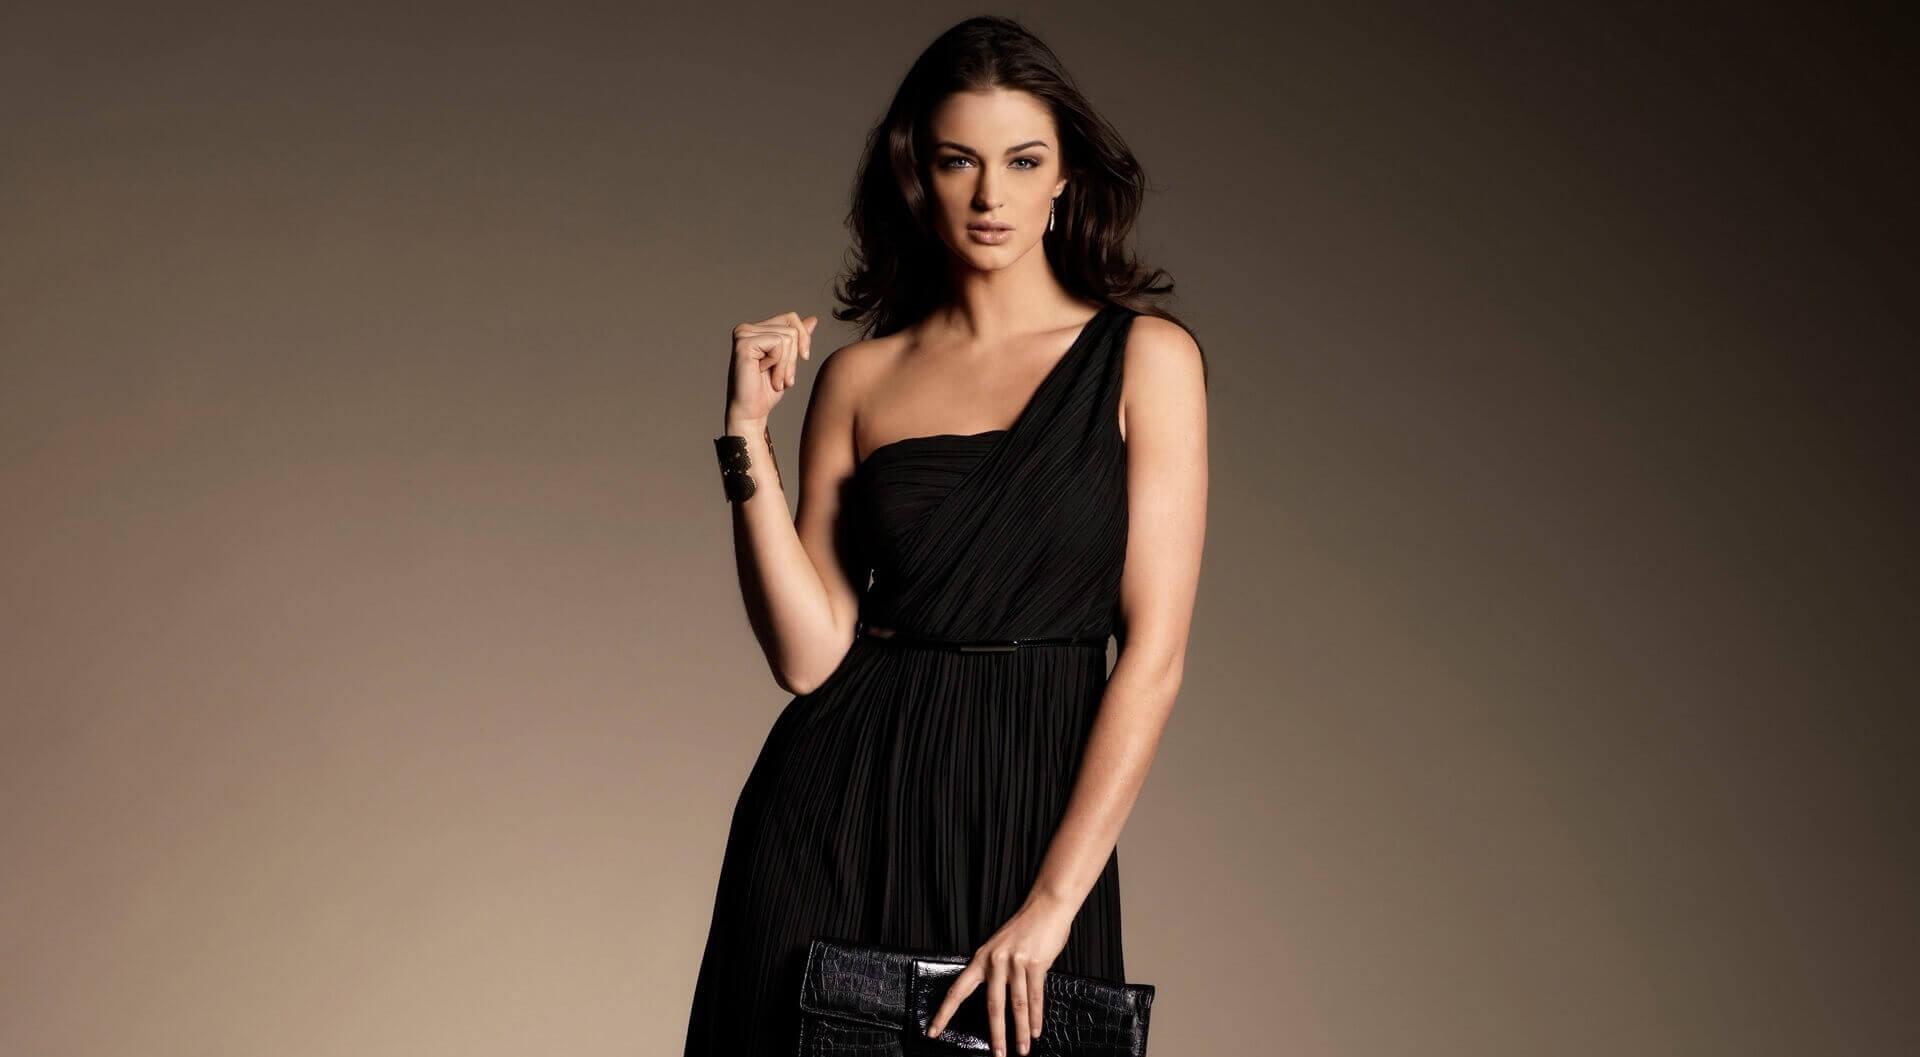 363cd157021ffe8 Макияж к разным платьям для брюнетки: какую косметику выбрать